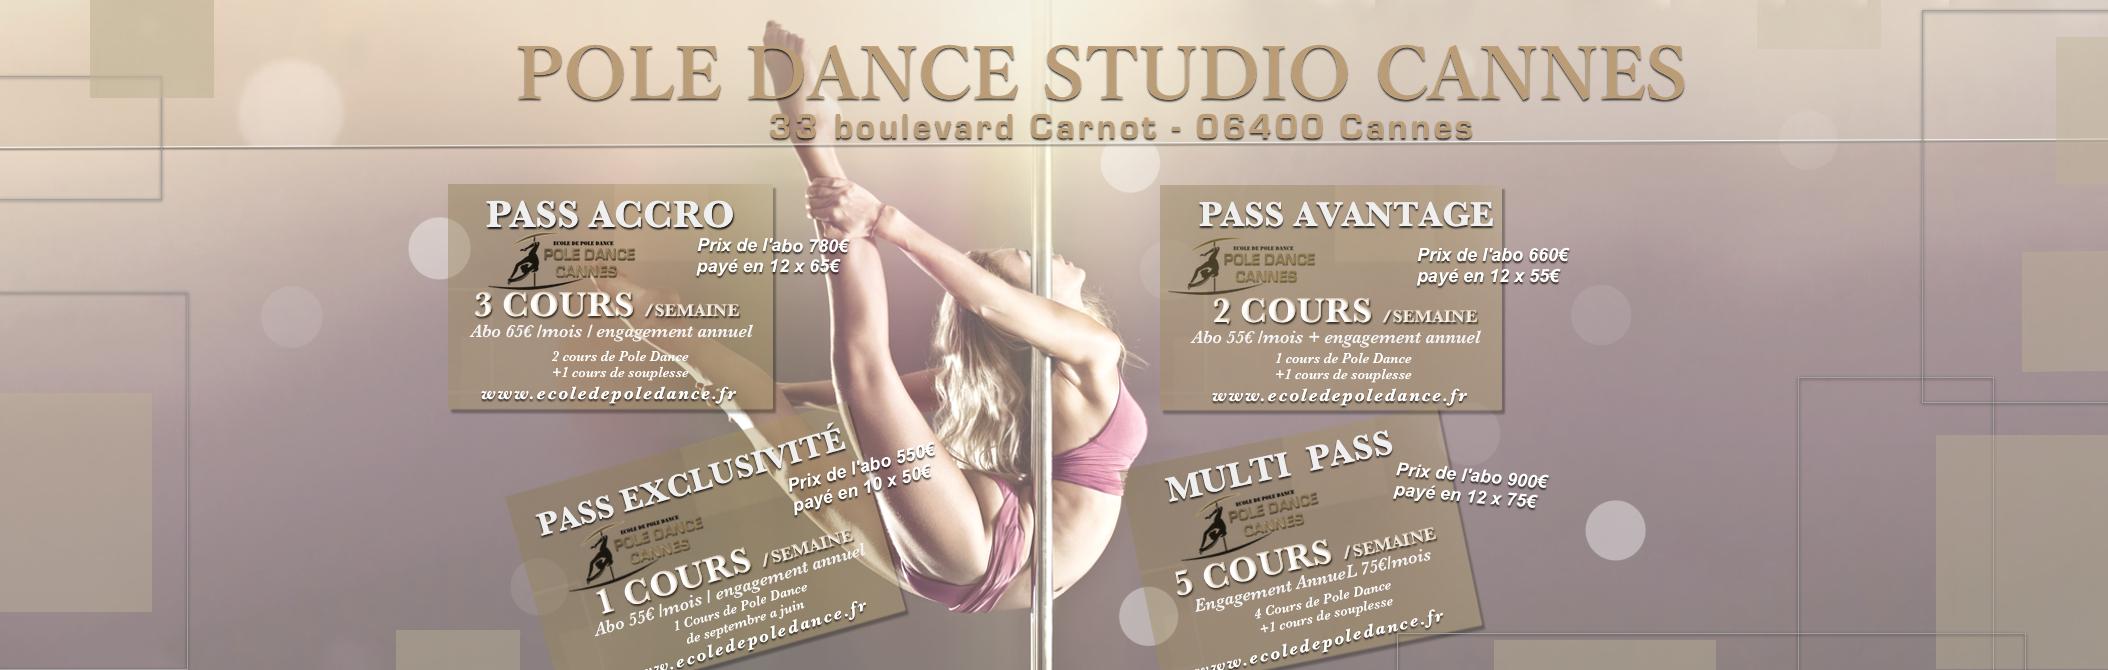 Pole_Dance_Cannes-poledancestudiocannes-pole-danse-sport-cannes-enfants-ados